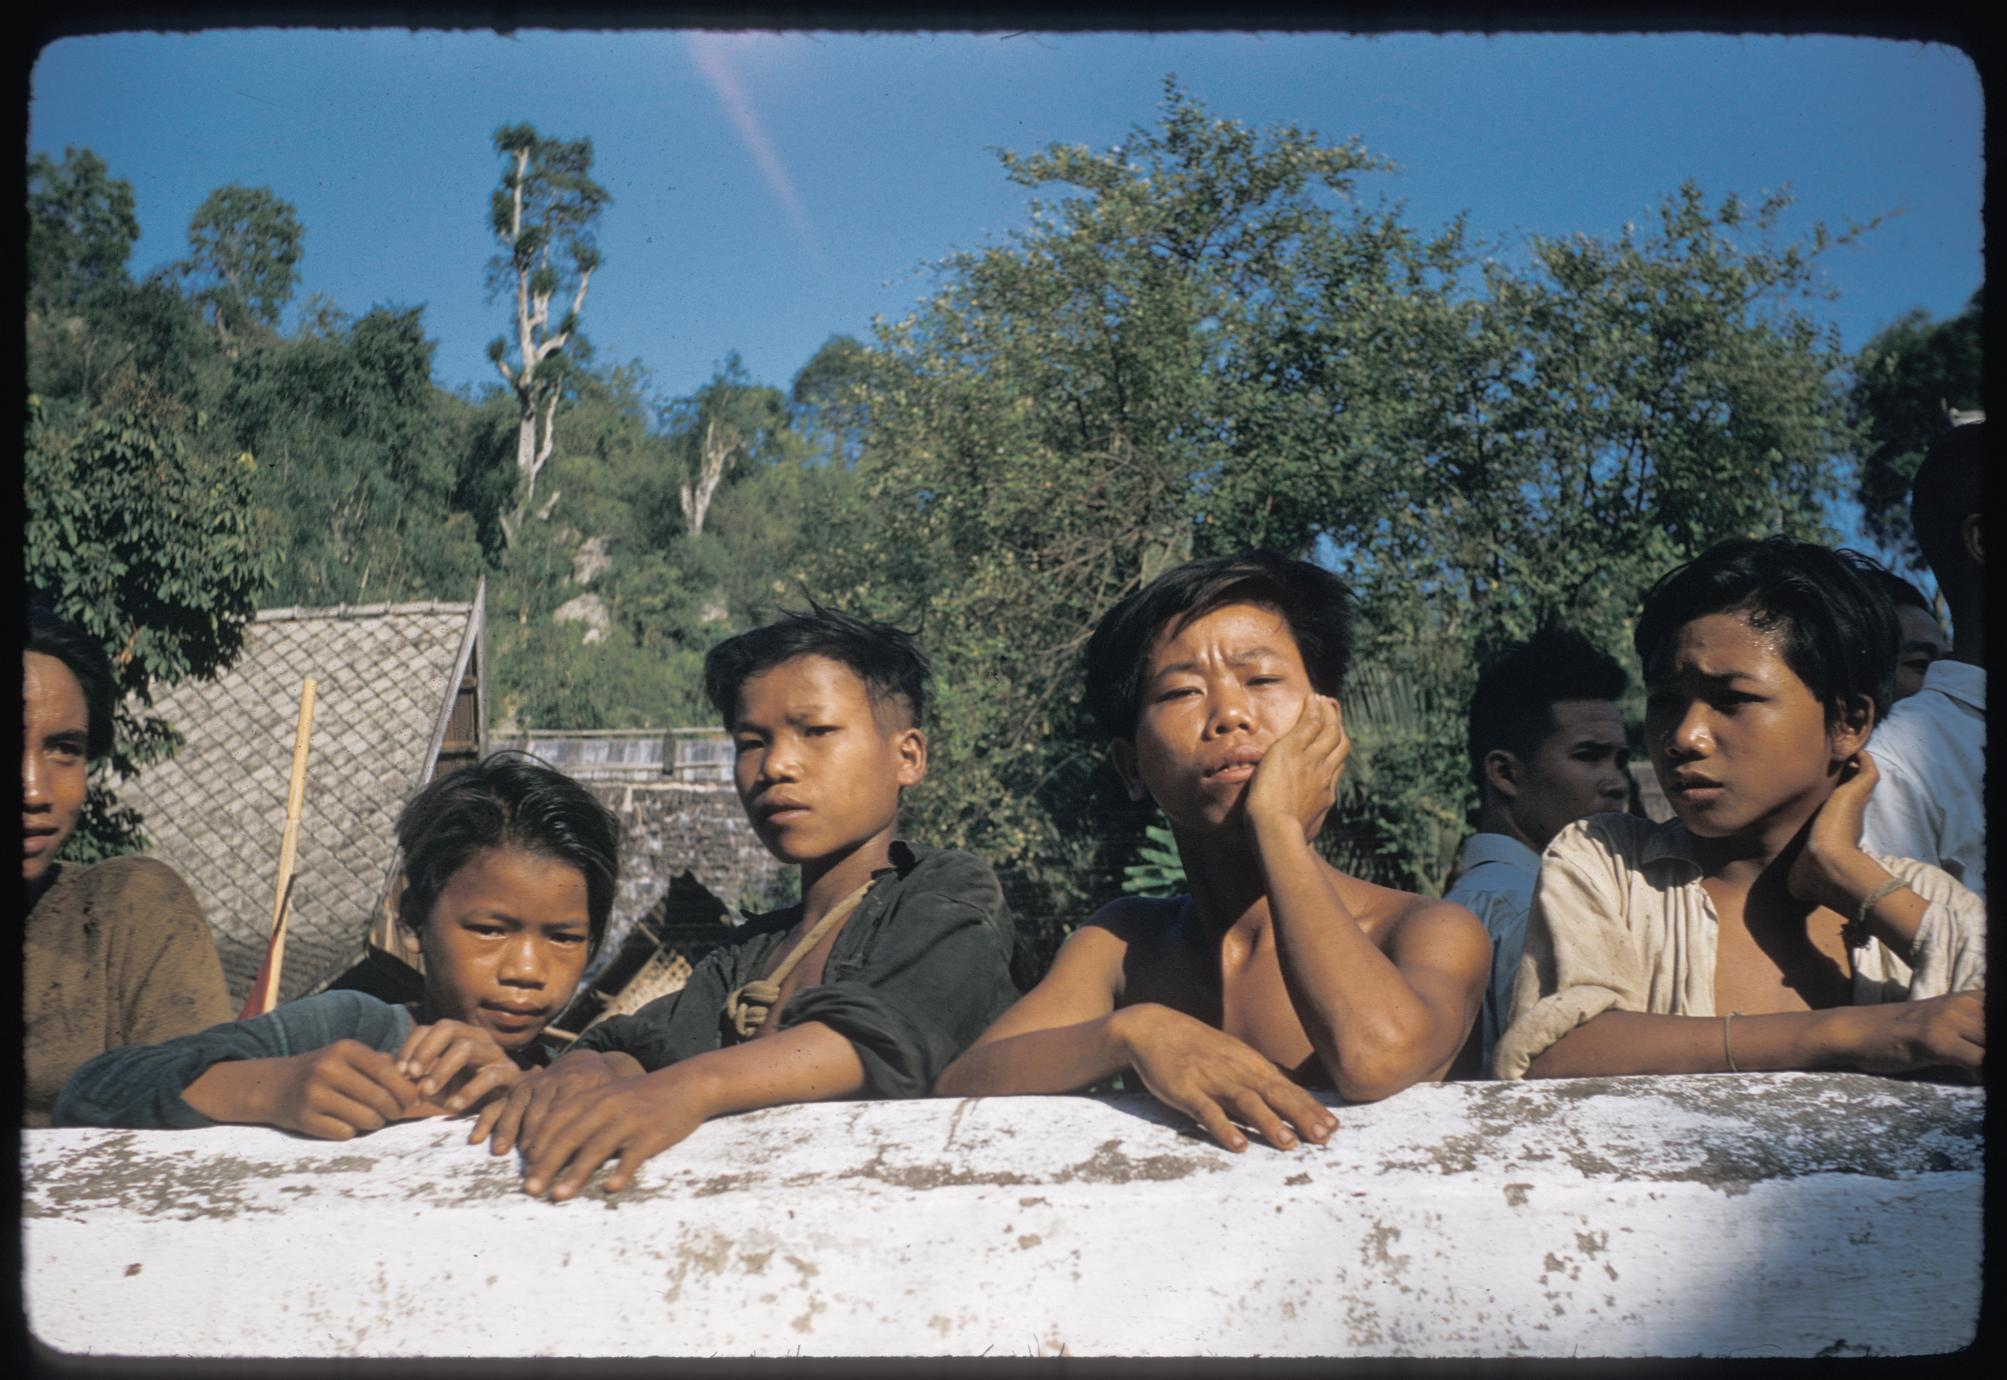 Kammu (Khmu') boys in Luang Prabang